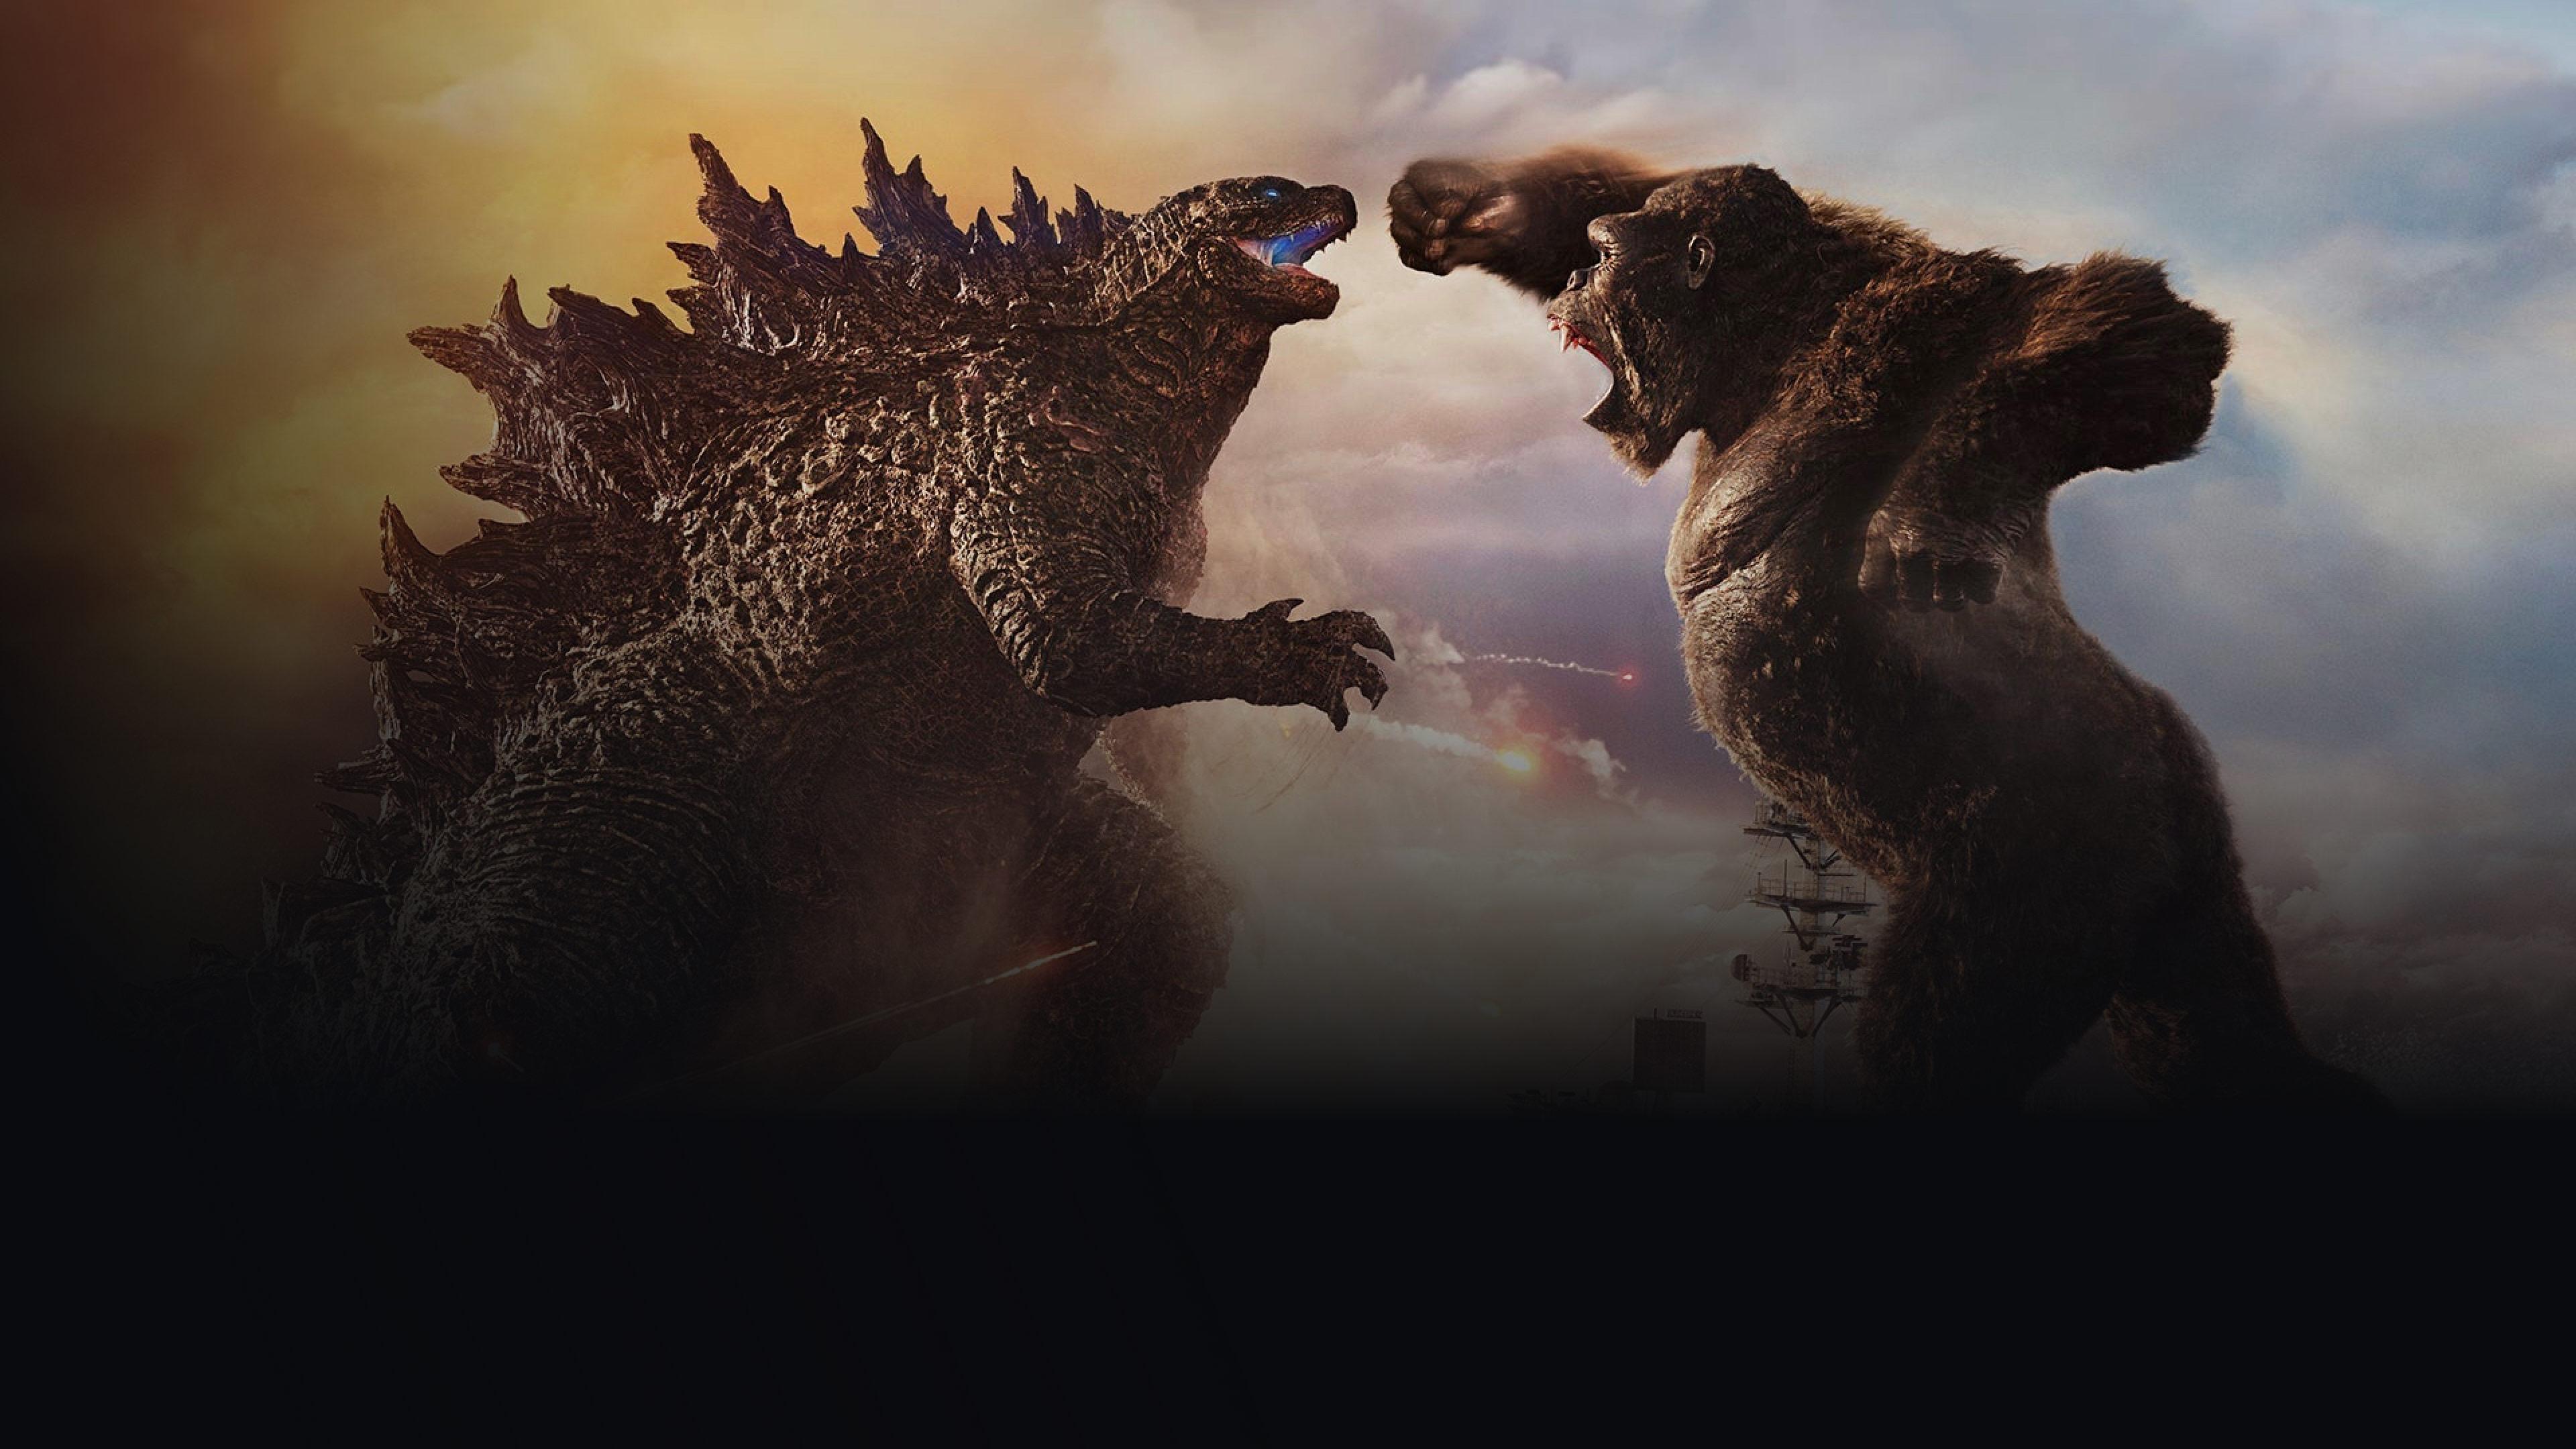 Background image featuring Godzilla vs Kong